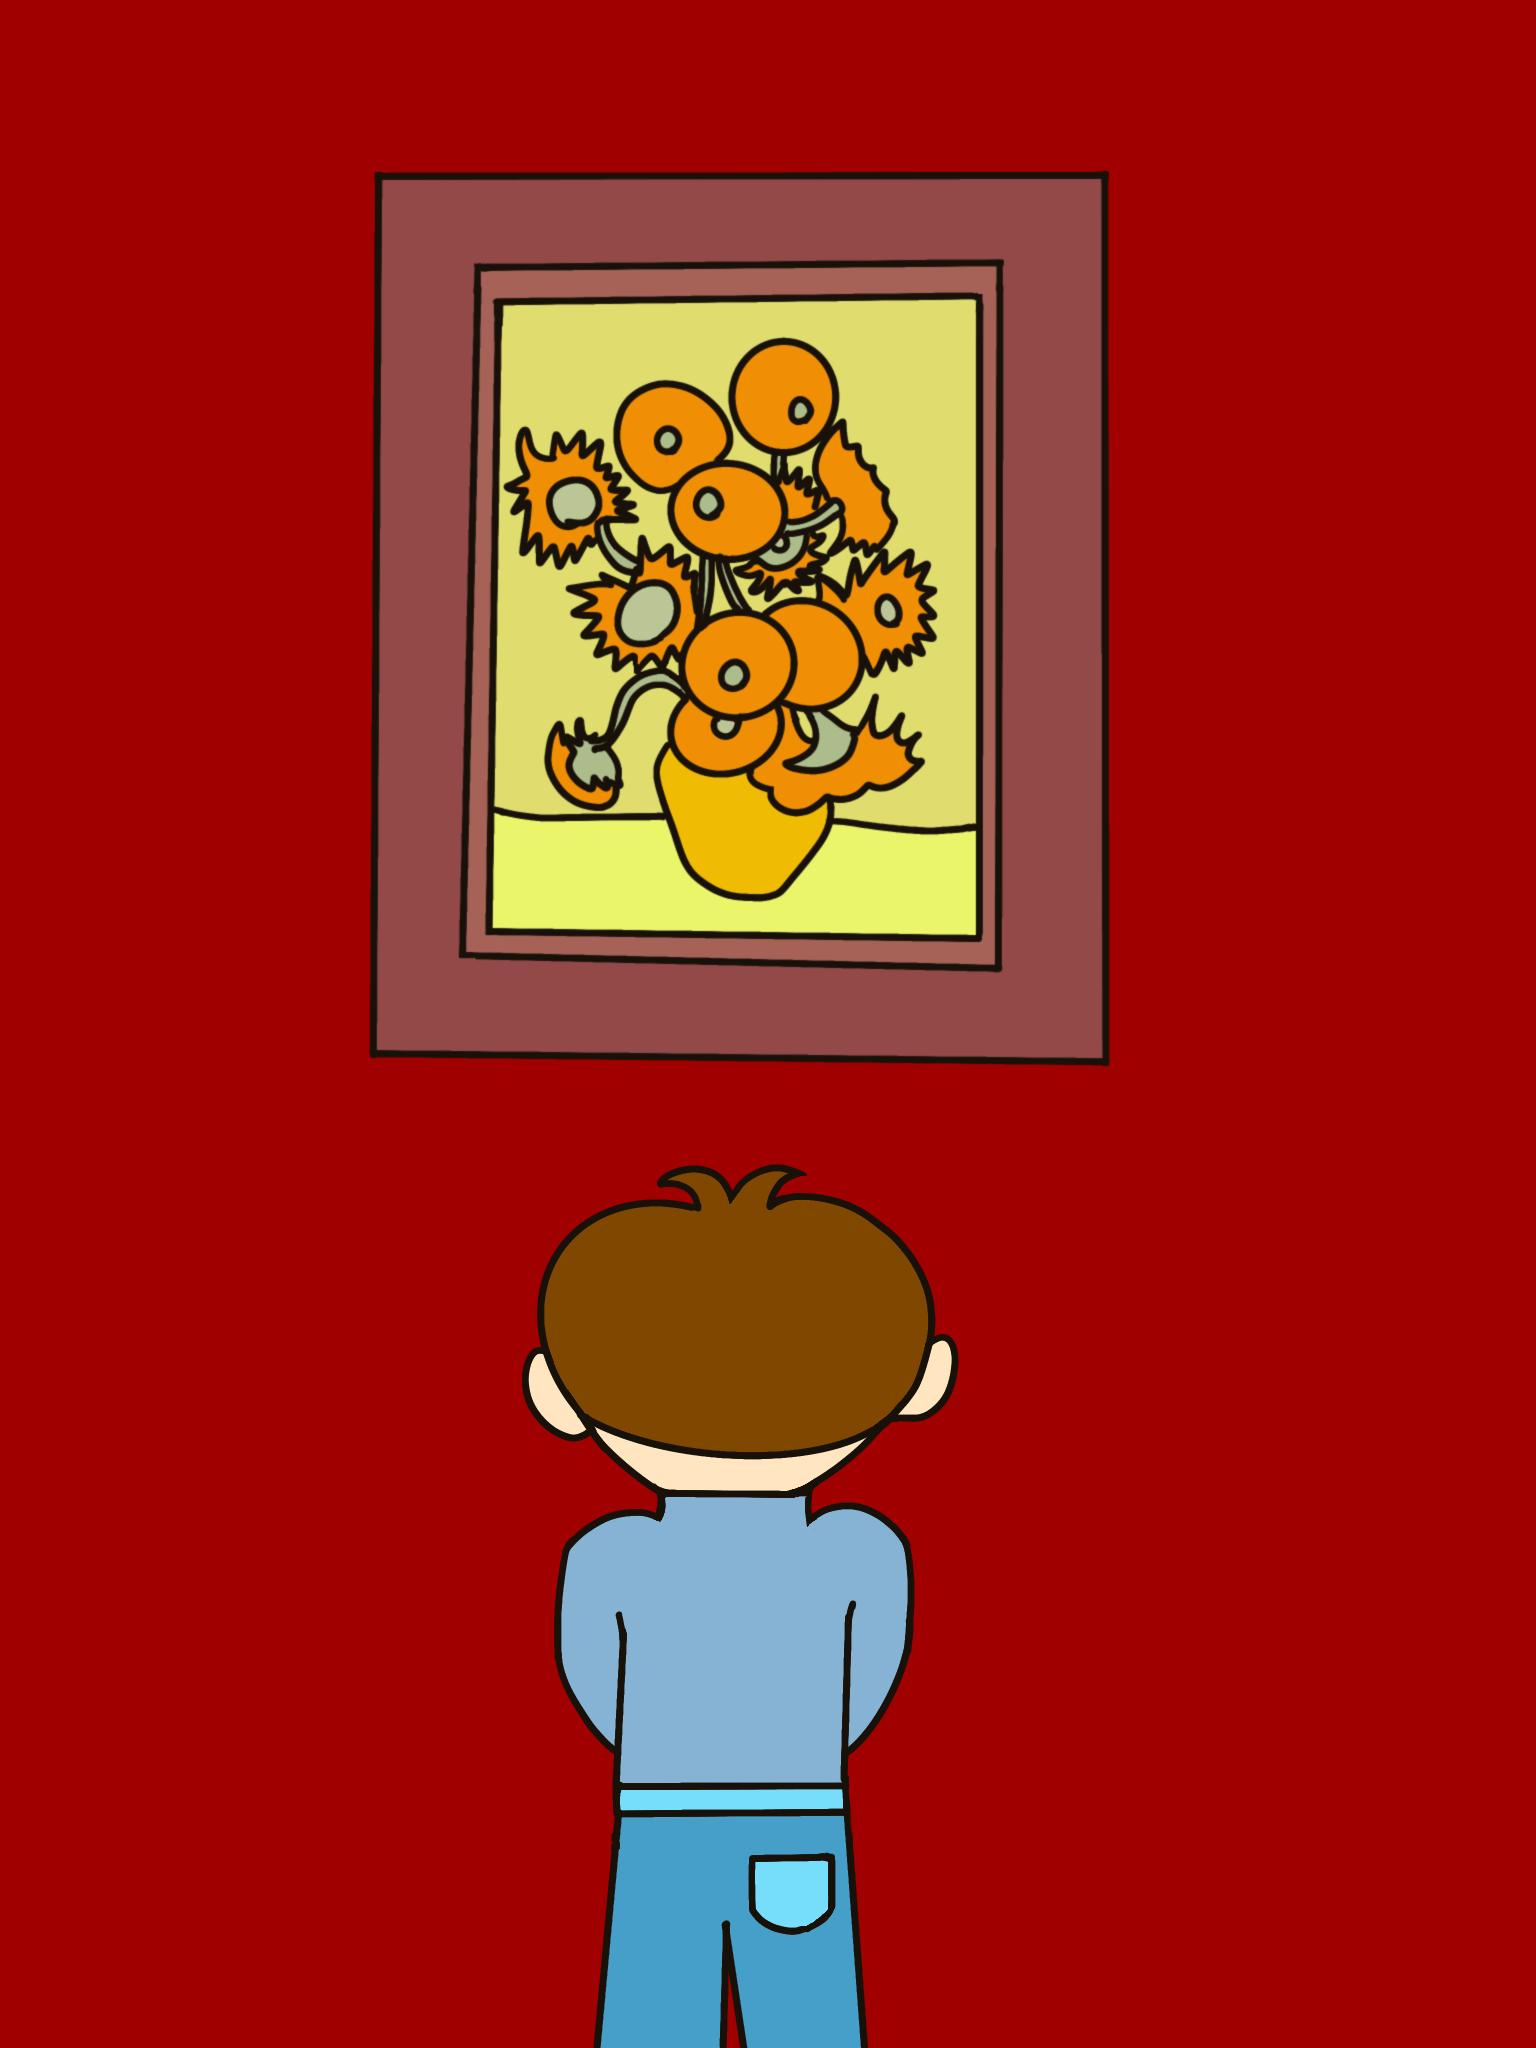 無料ぬりえプリント「絵を見る男の子」(完成一例)